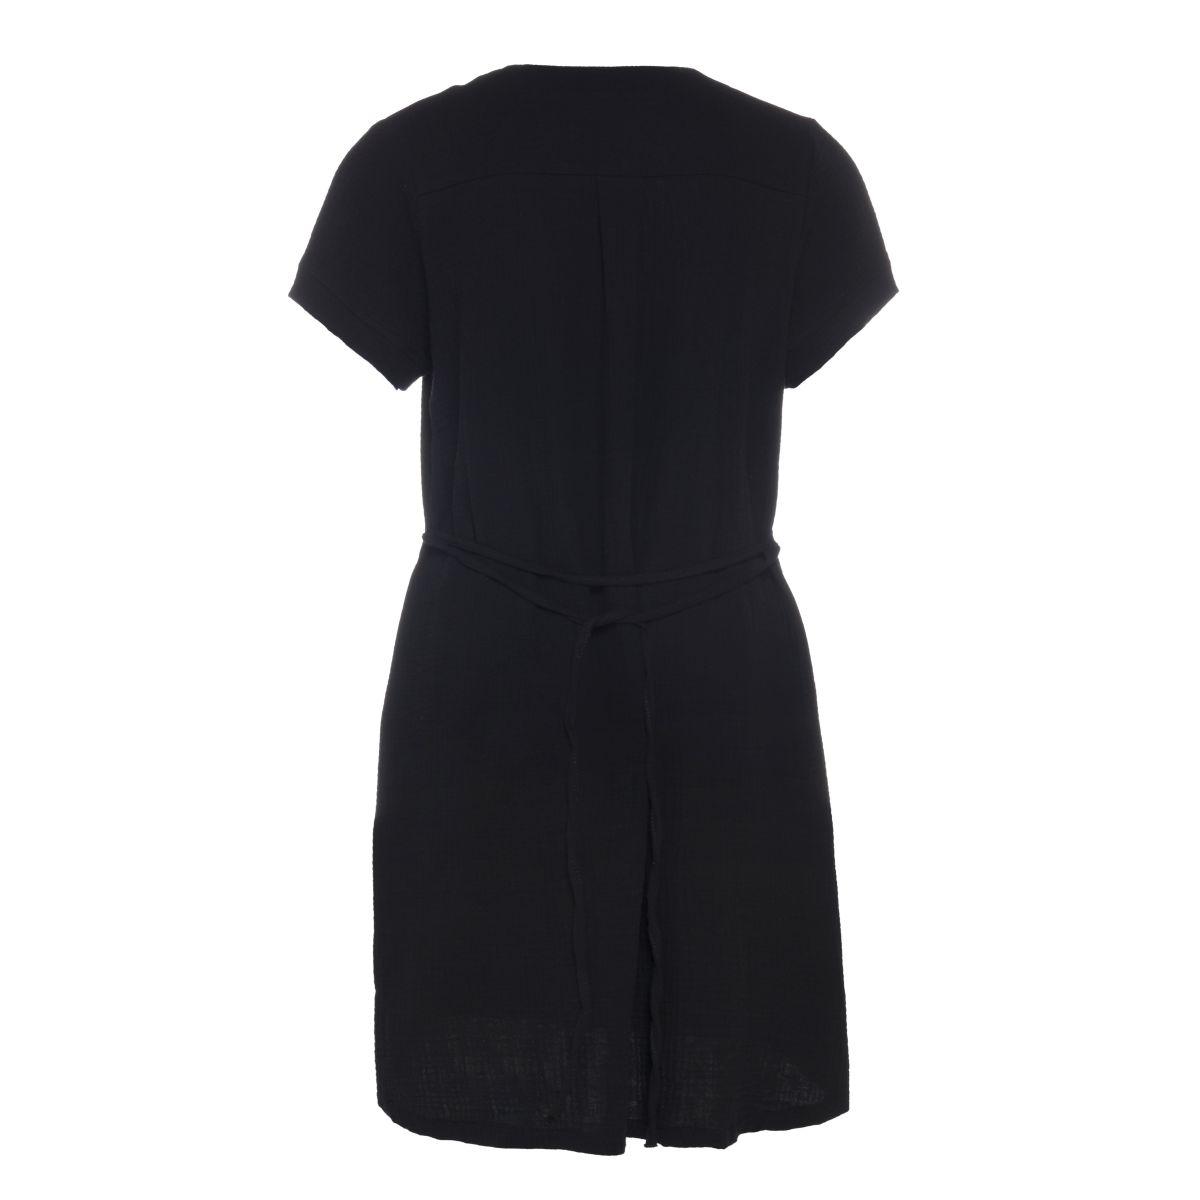 knit factory kf15012000051 indy jurk zwart l 2